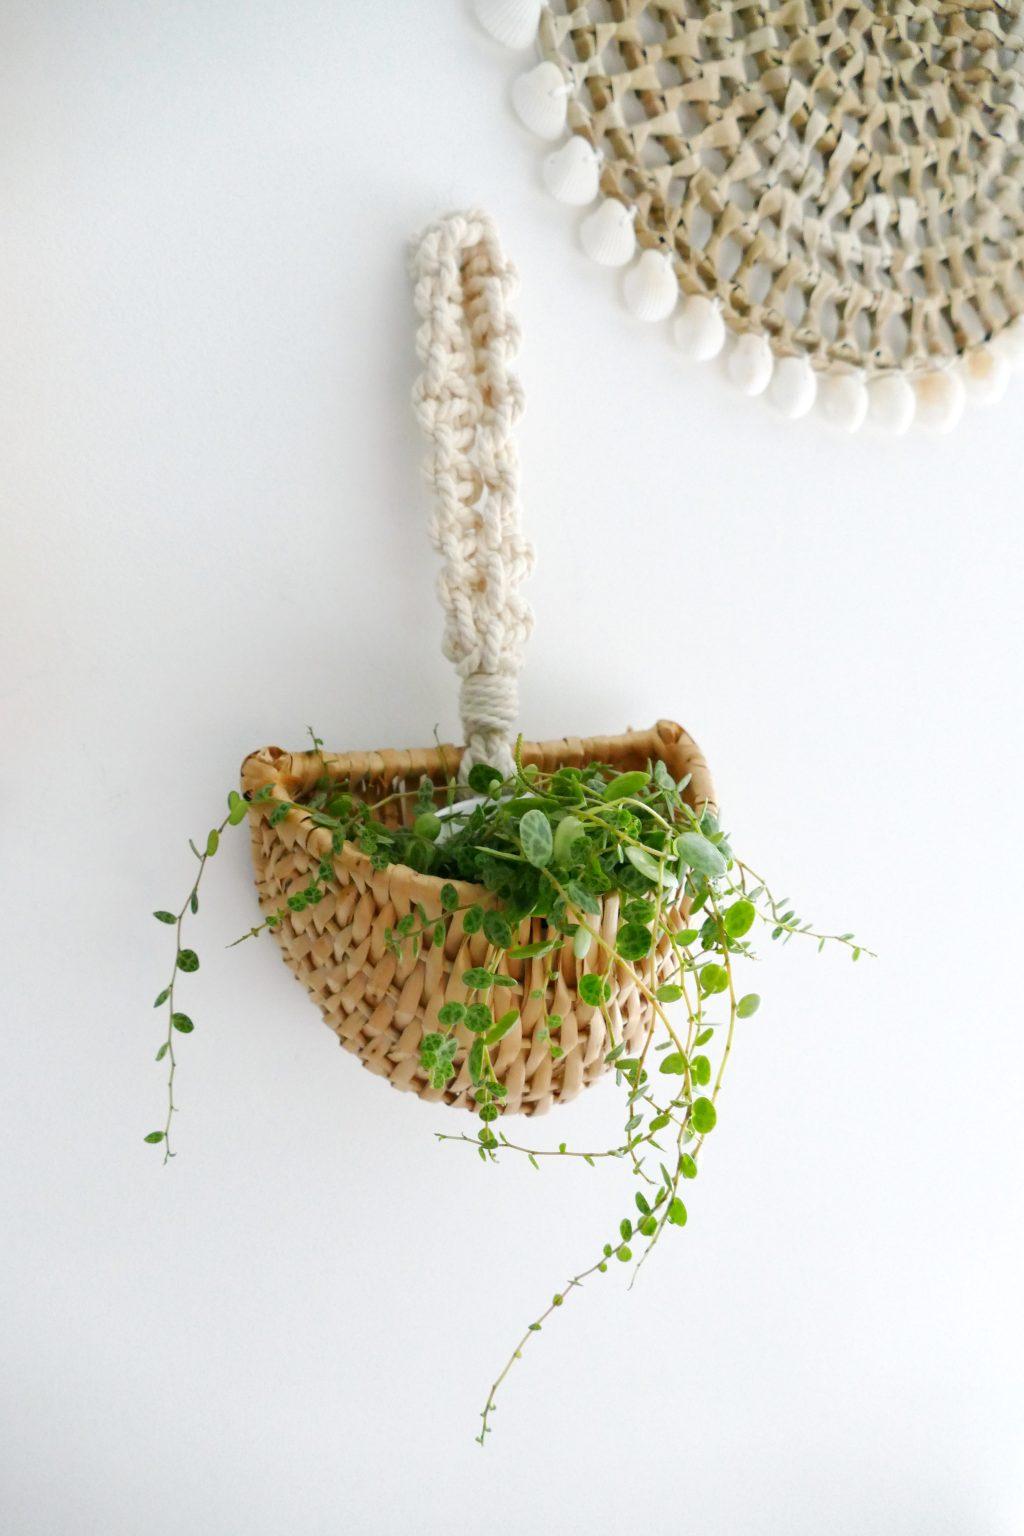 Plantenhanger van riet met macrame lus. Upcycling project met vondst uit de kringloopwinkel